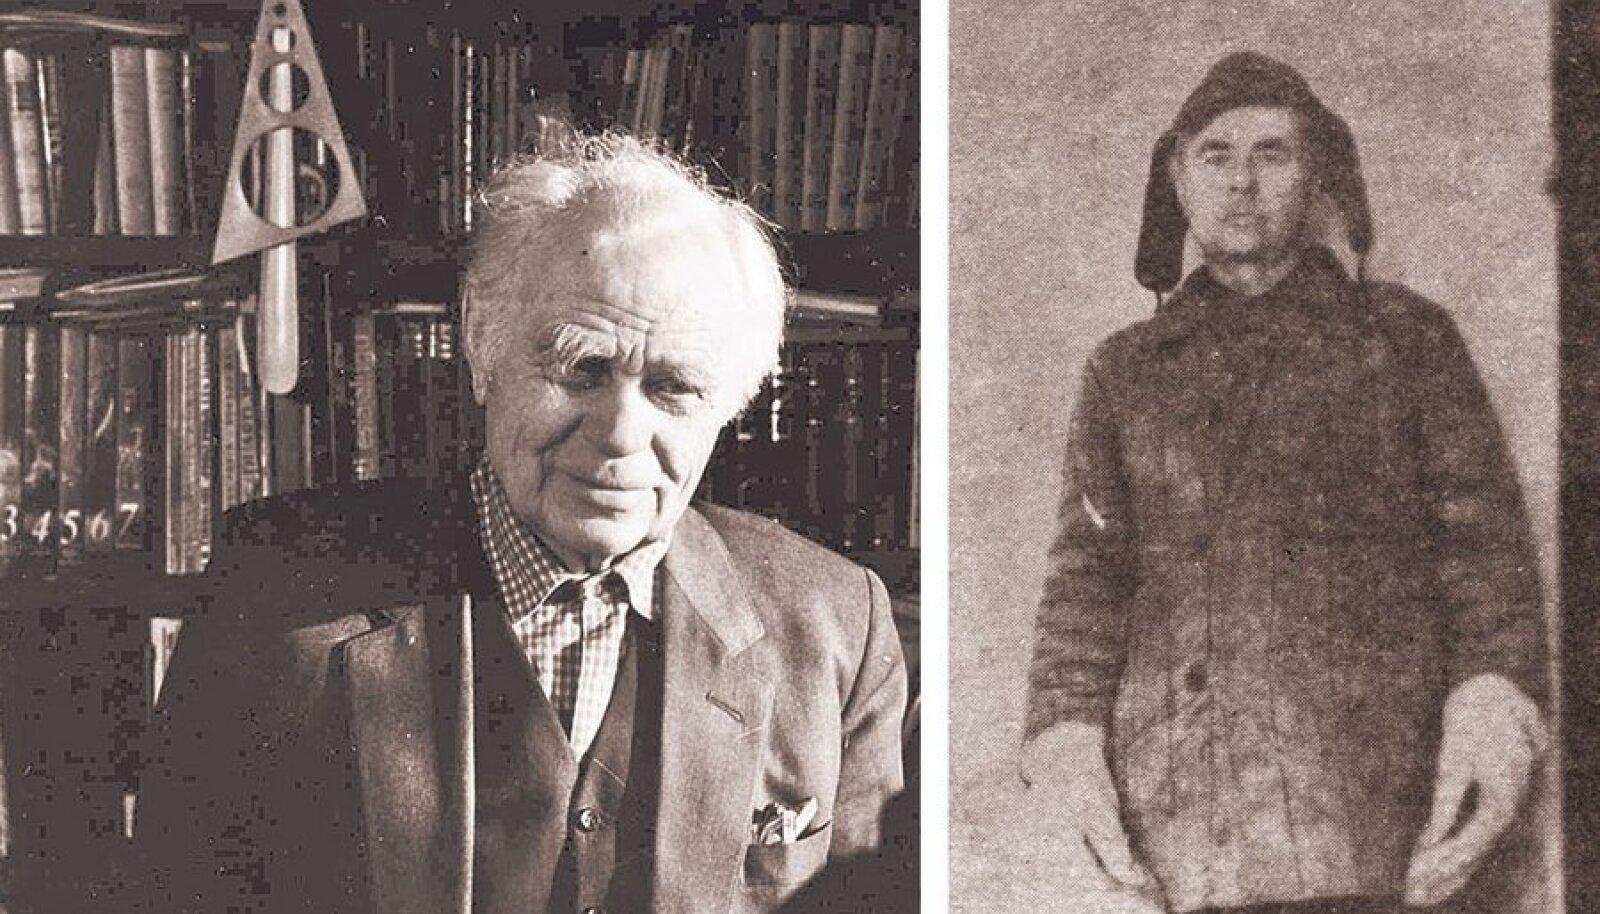 Jüri-Rajur Liivak 1989 ja 1955. Foto: Anne- Malle hallik